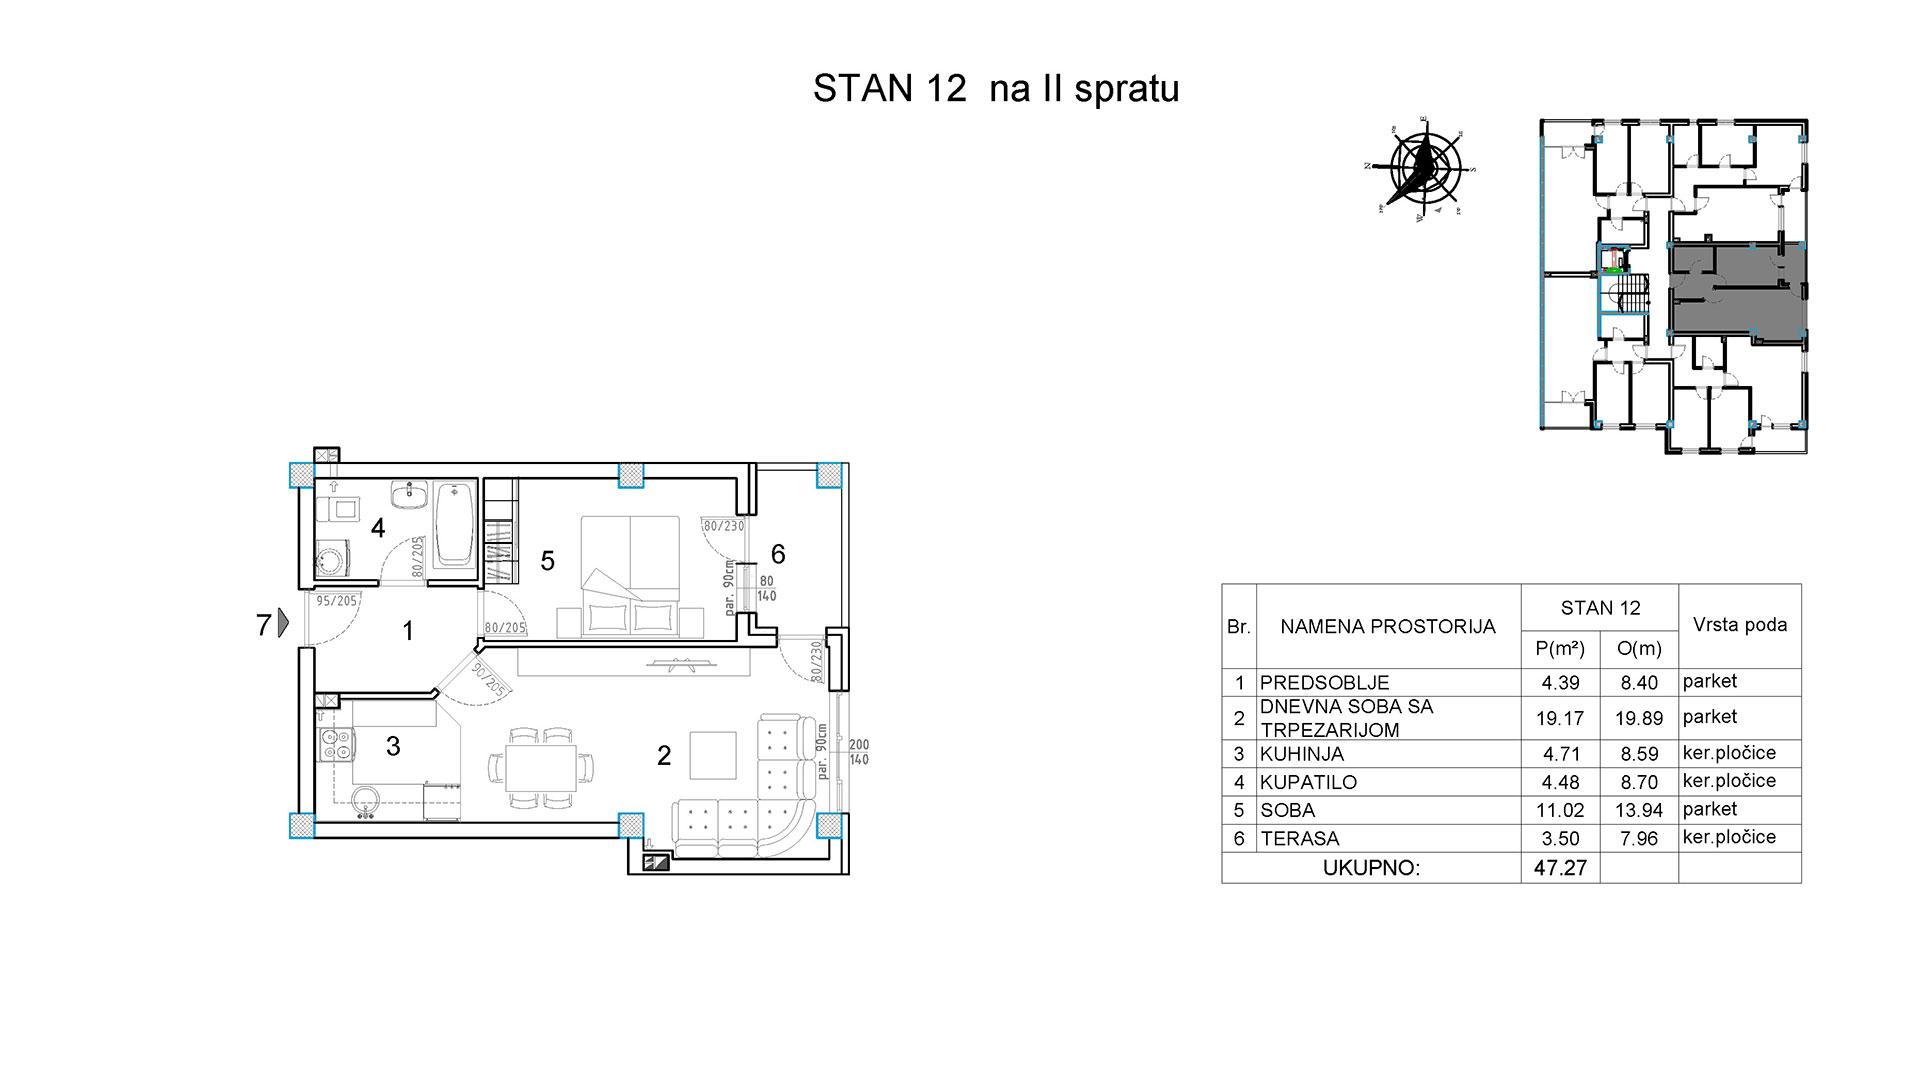 Objekat u Borivoja Stevanovica bb - Stan 12